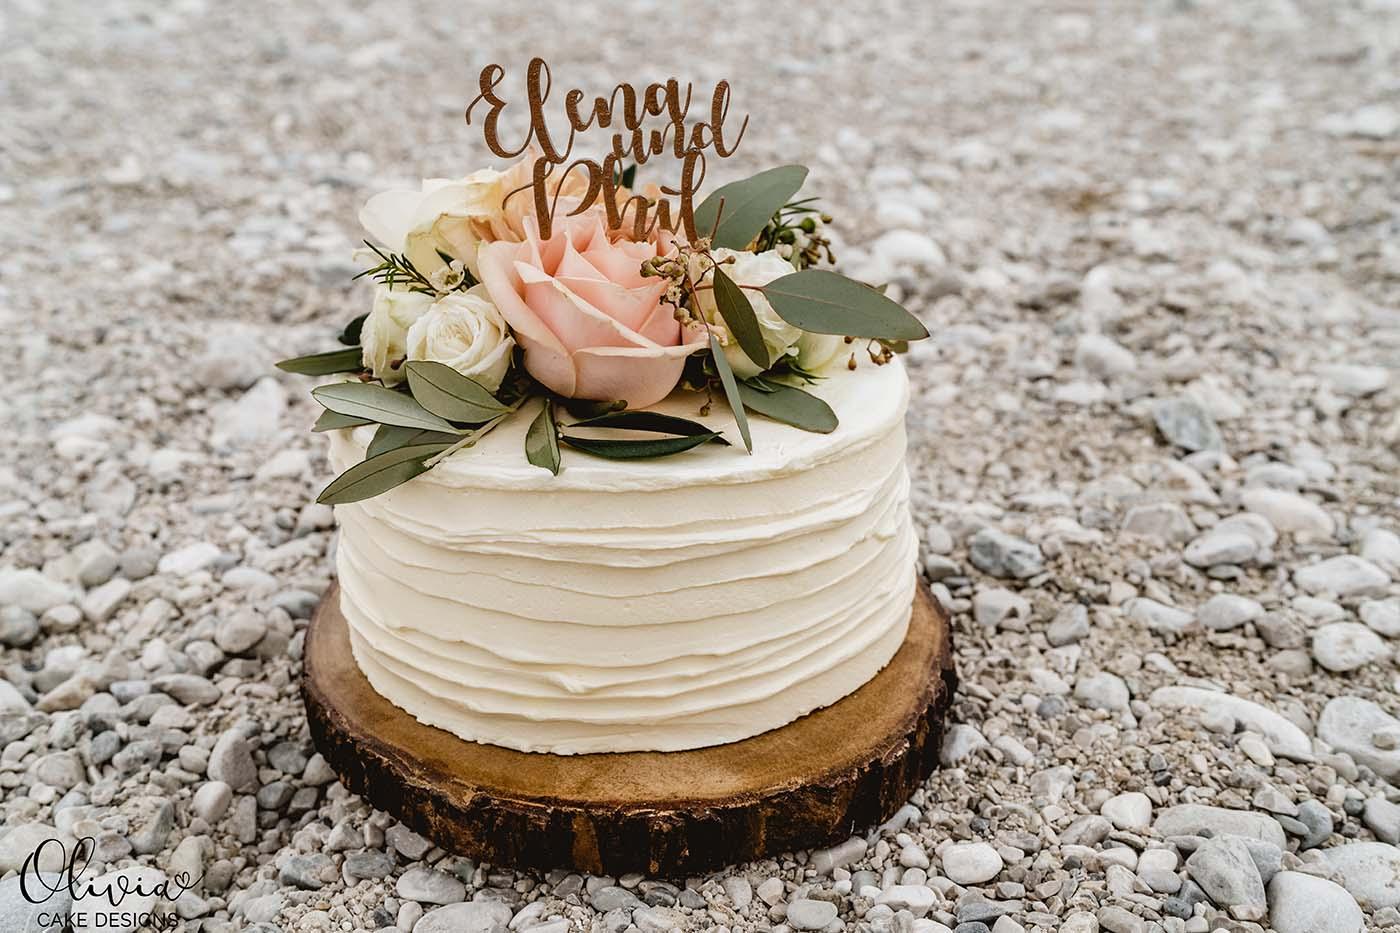 Olivia Cake Designs –Hochzeitstorte & Co